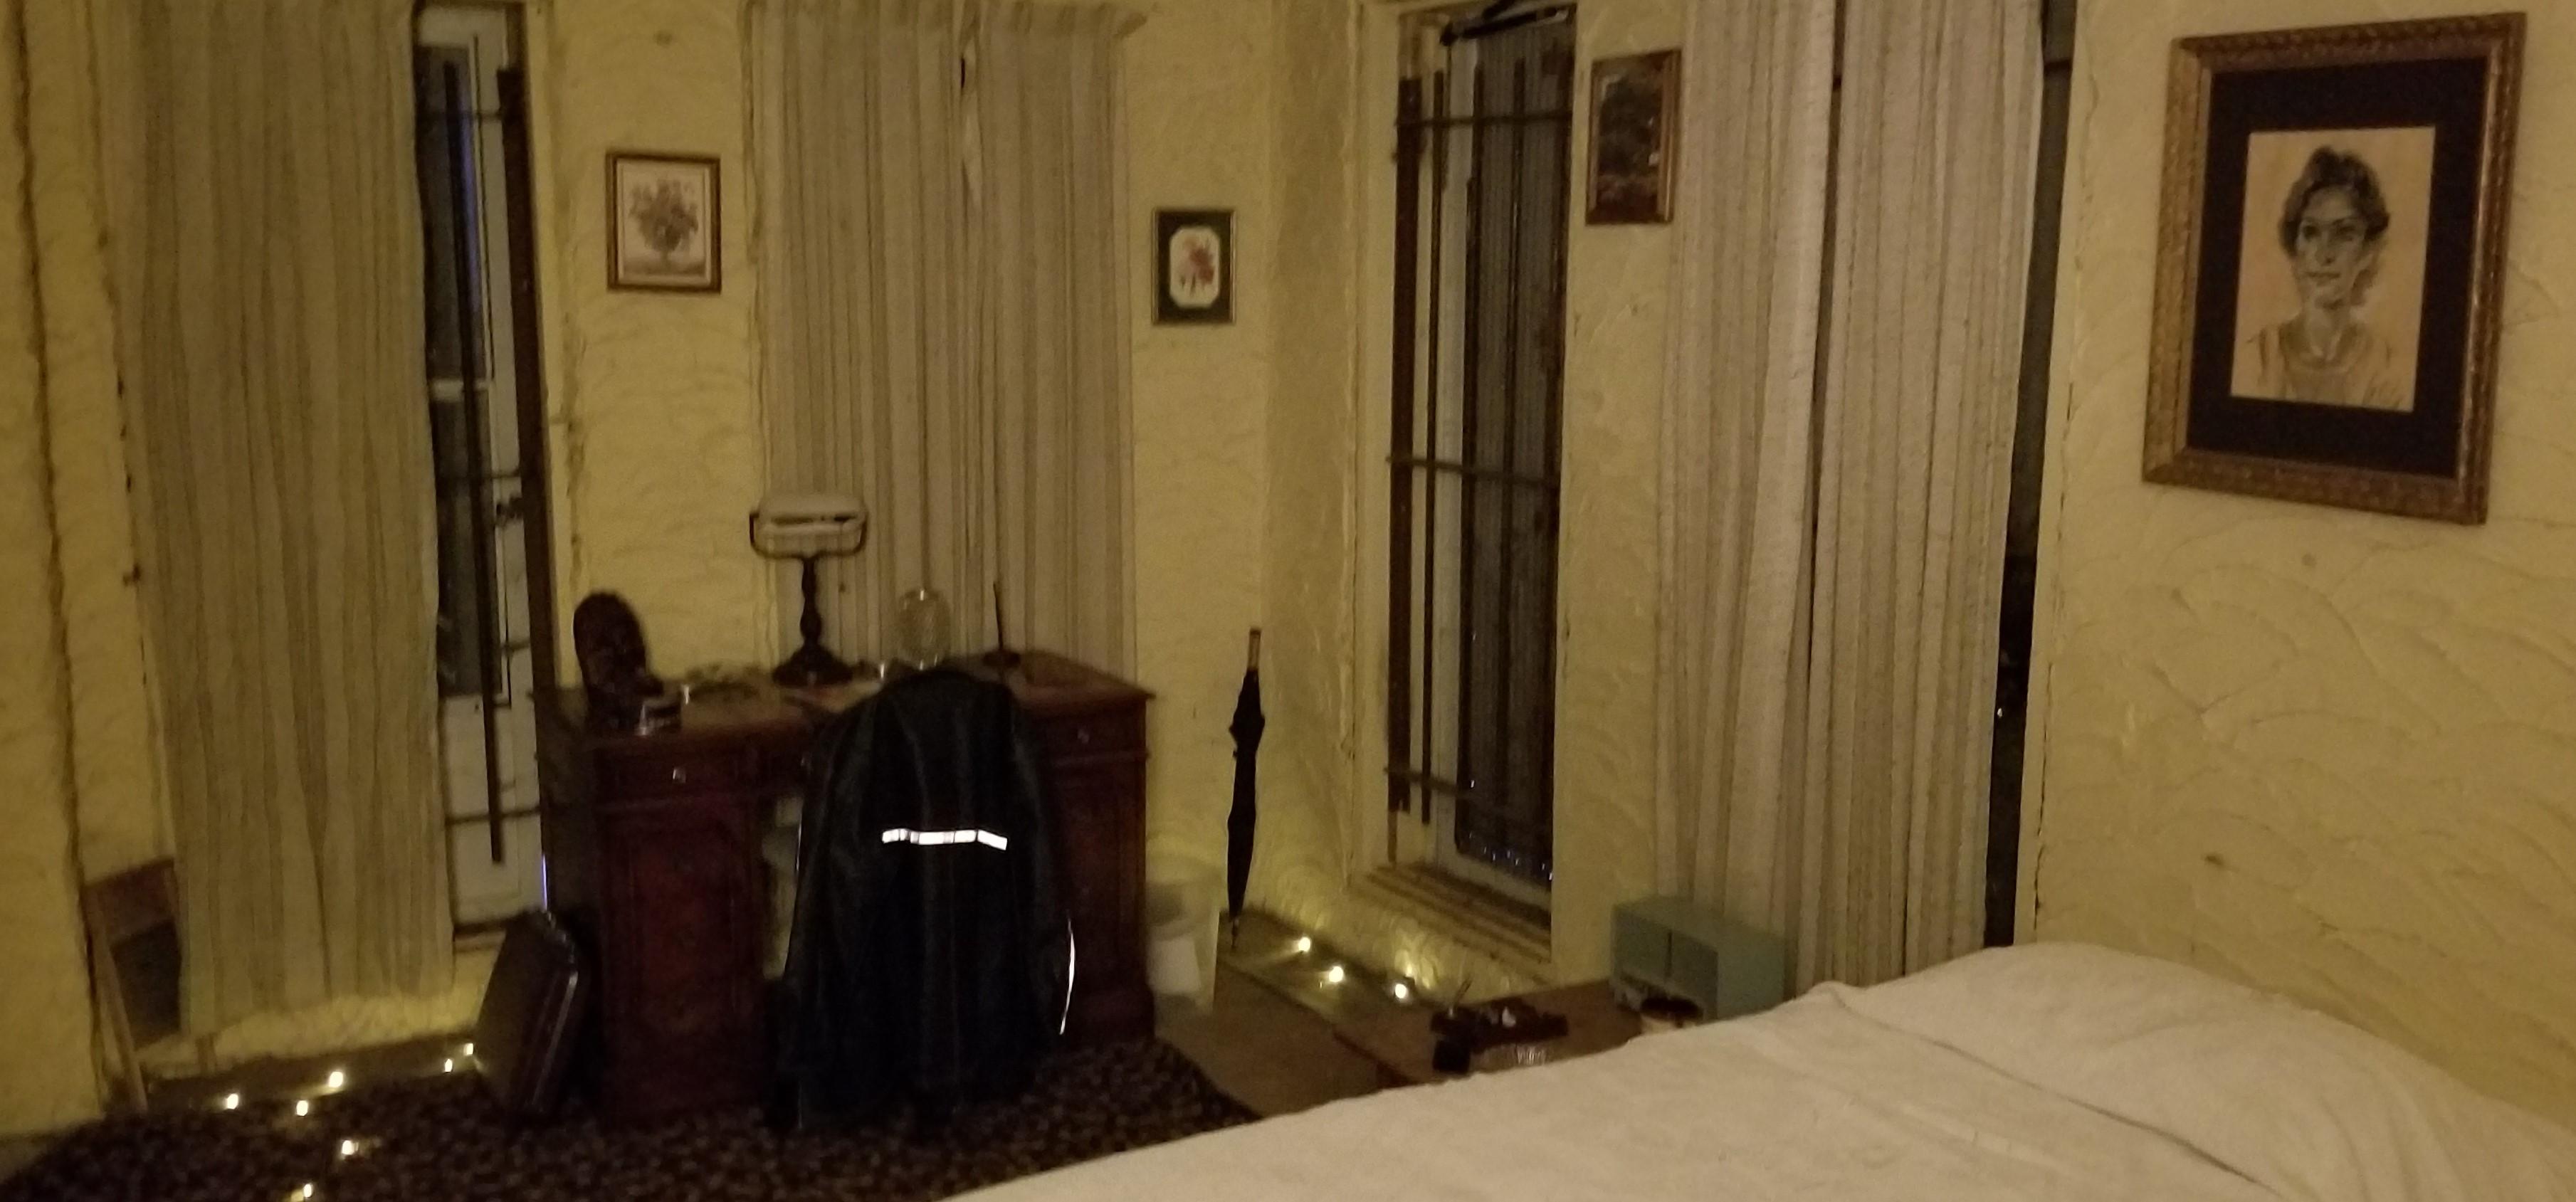 Inside the Eccentric Professor's Room